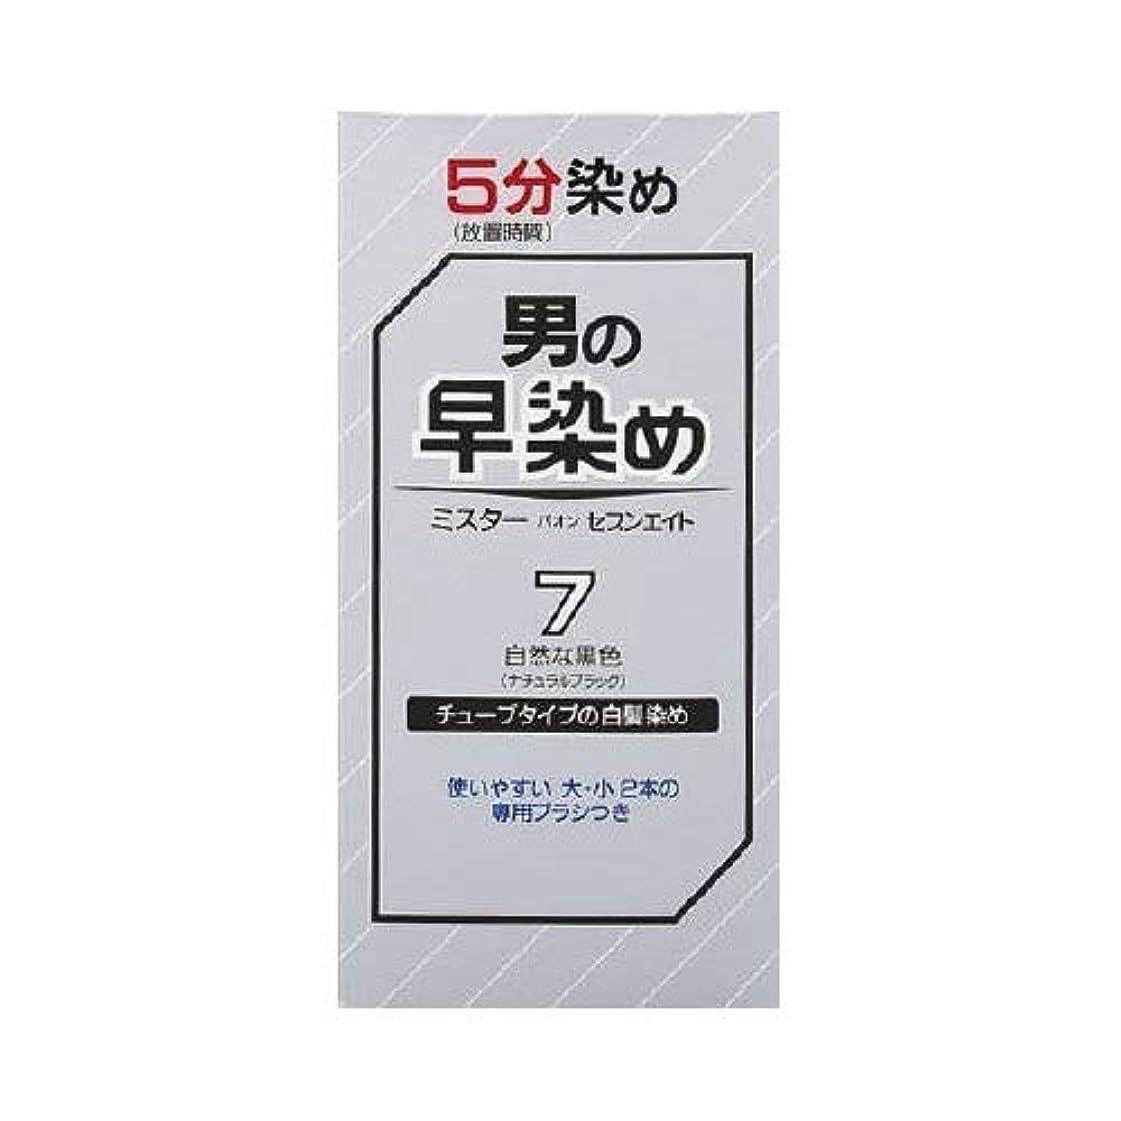 毛布最愛の債務者ミスターパオンセブンエイト 7(1セット)